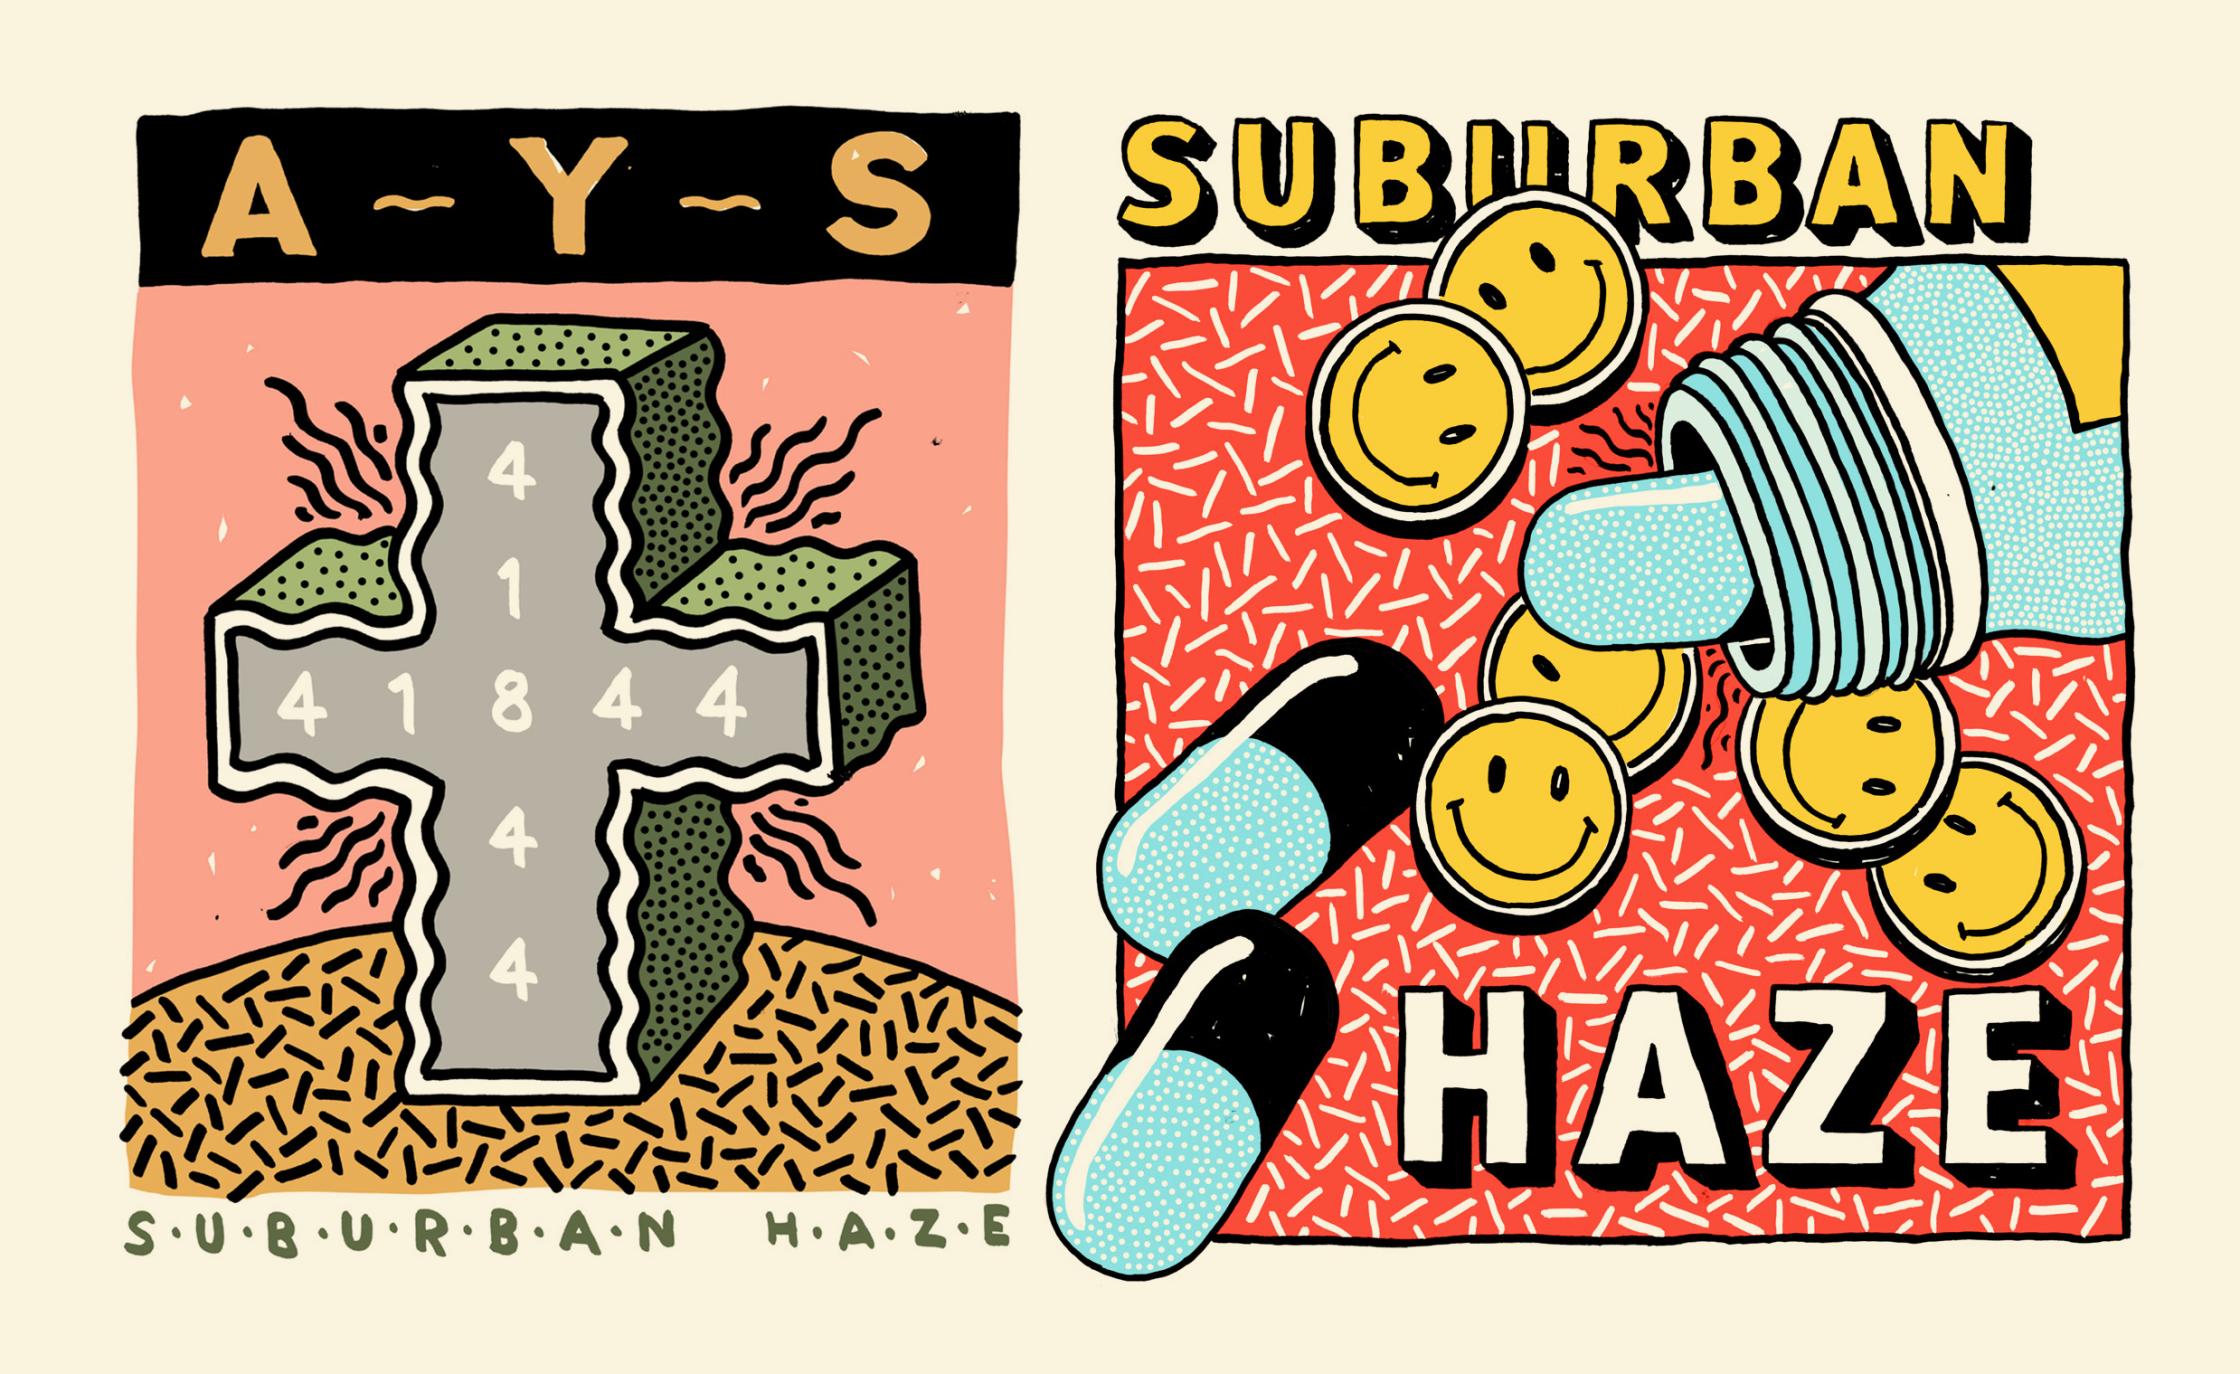 suburbanhaze_shirts.jpg